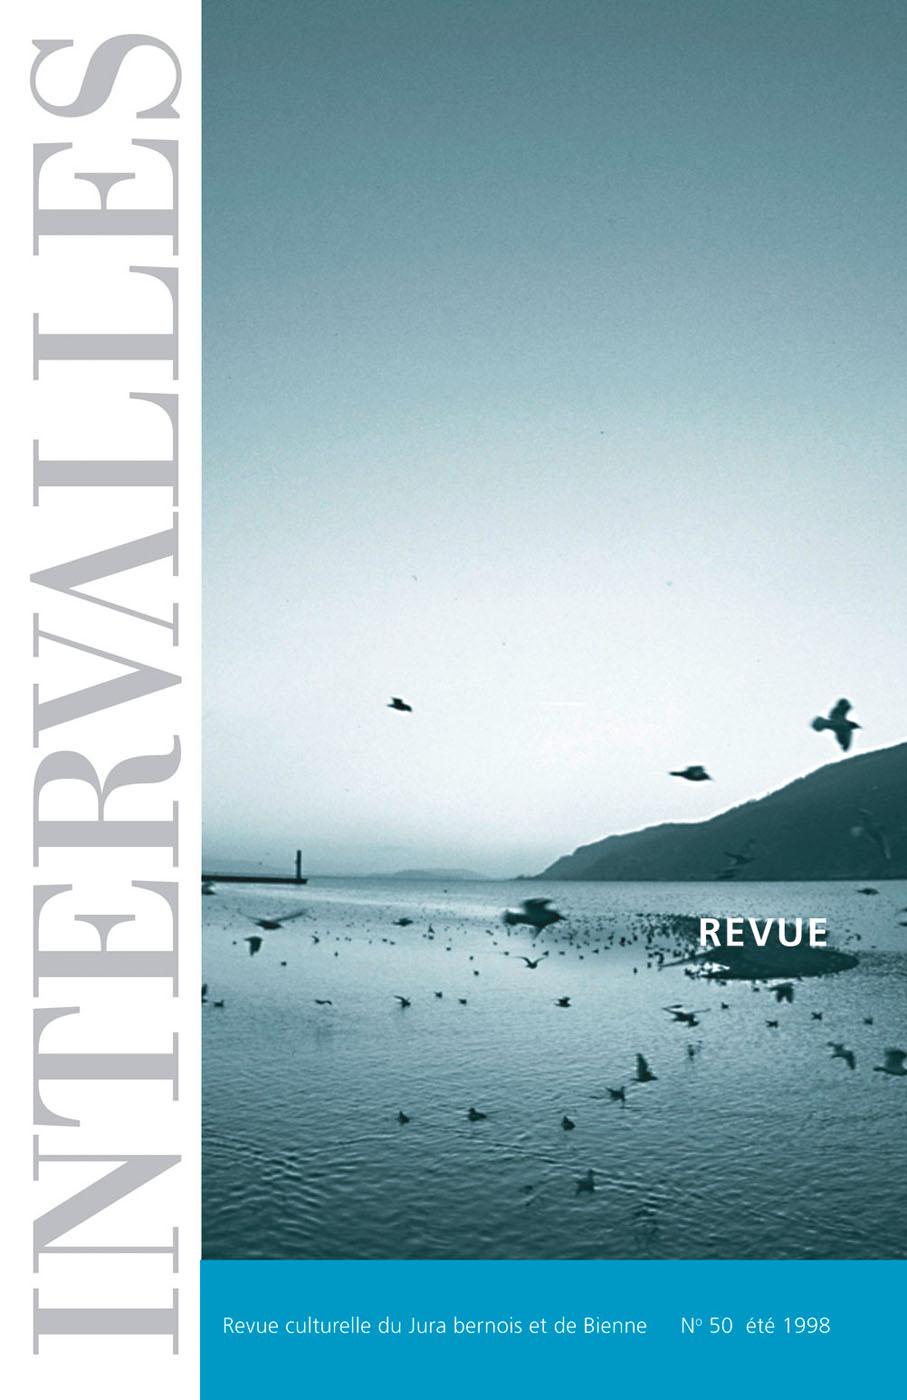 No 50 – Revue